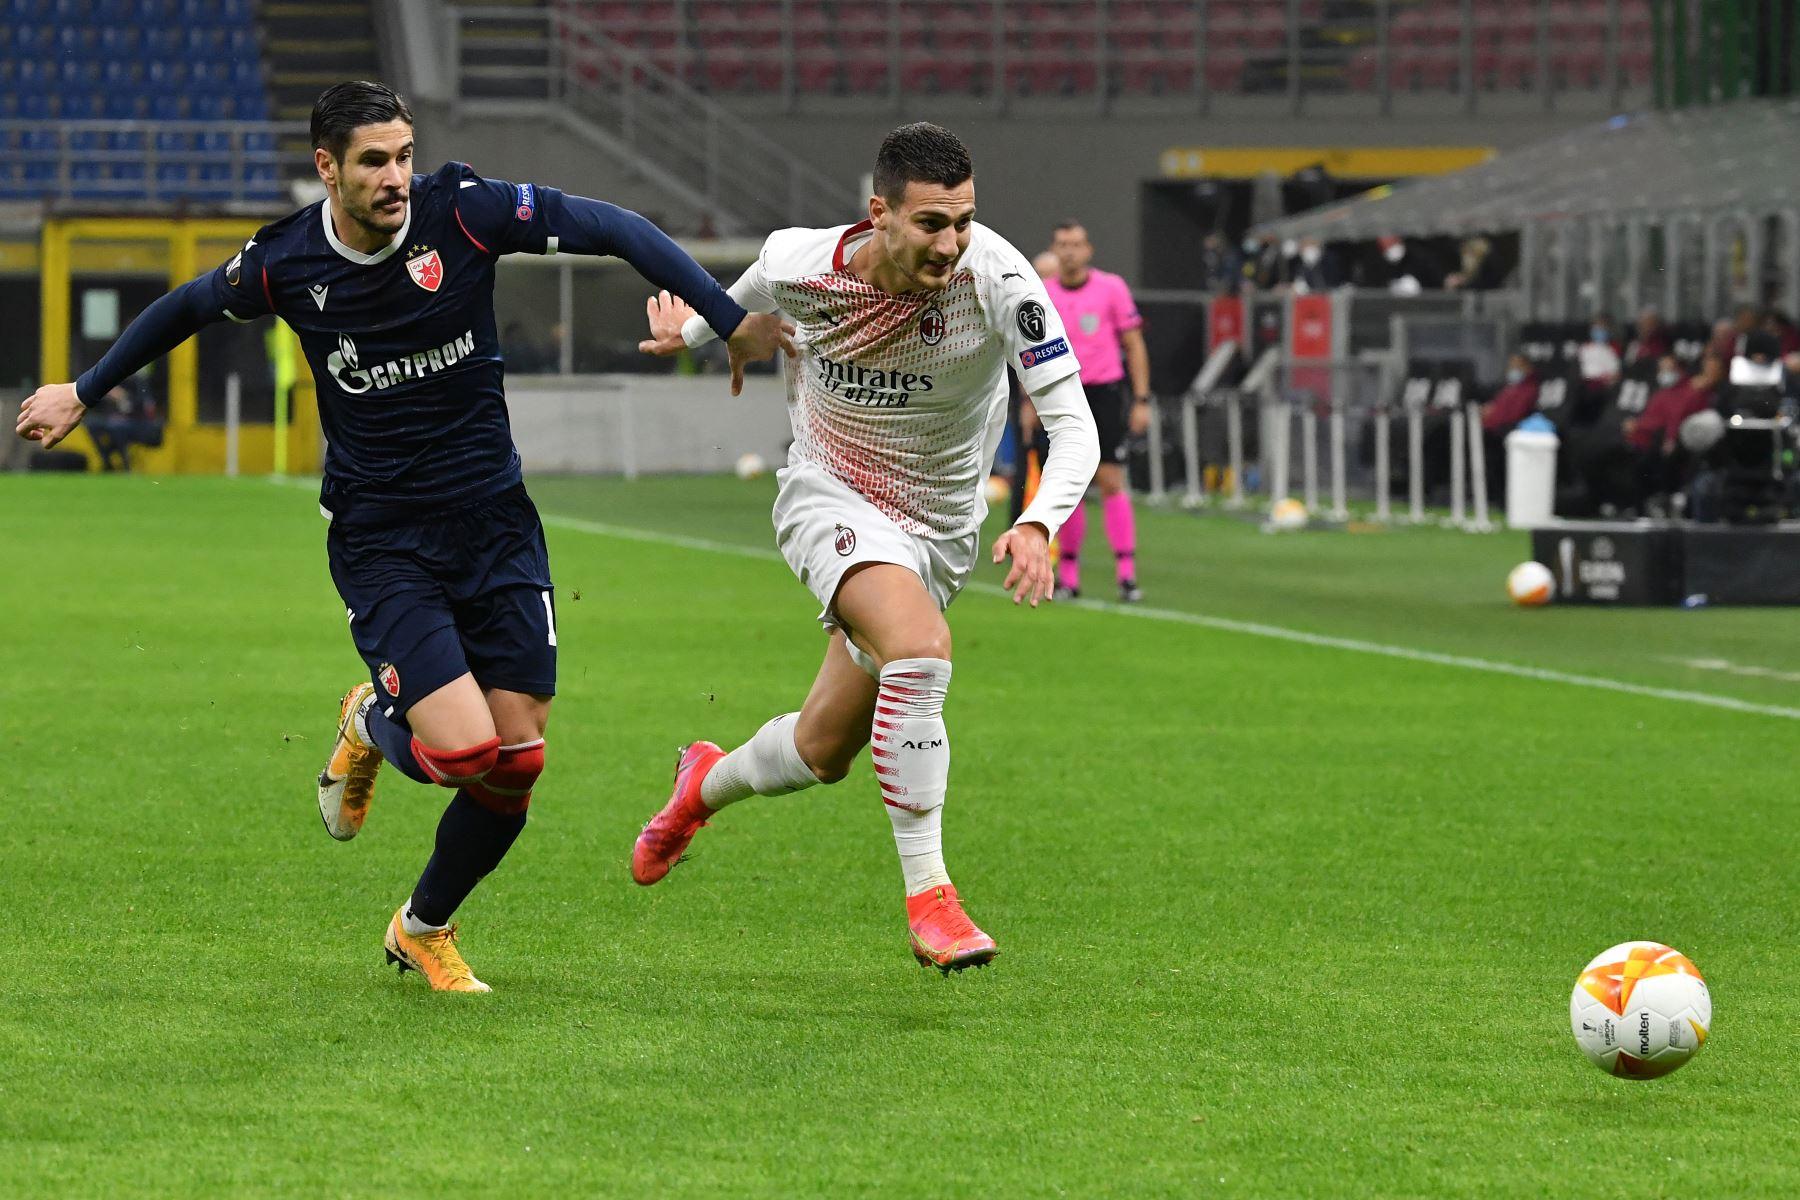 El defensor portugués del AC Milan Diogo Dalot supera al delantero italiano del Crvena Zvezda Beograd, Diego Falcinelli durante la ronda de dieciseisavos de final de la UEFA Europa League. Foto: AFP